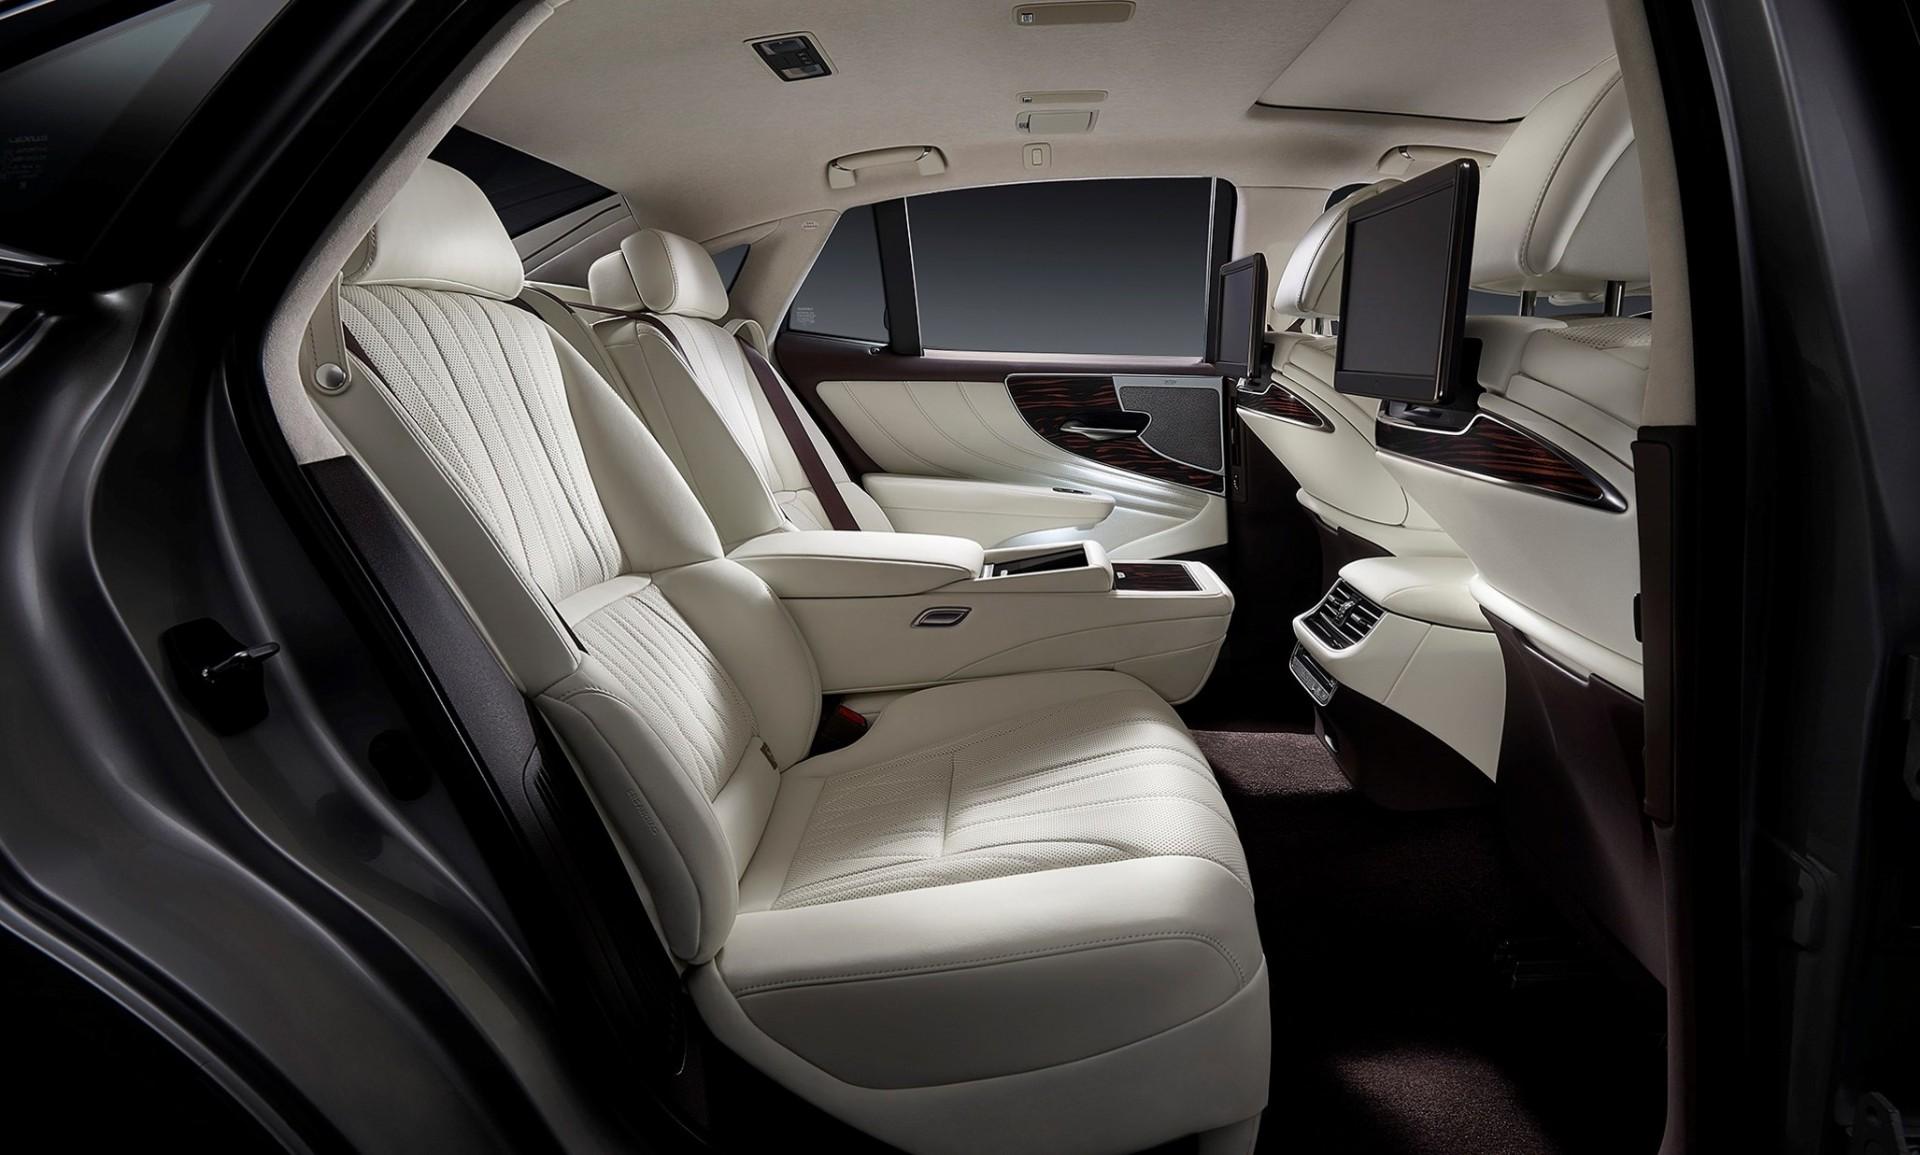 LS Seat Side Rear